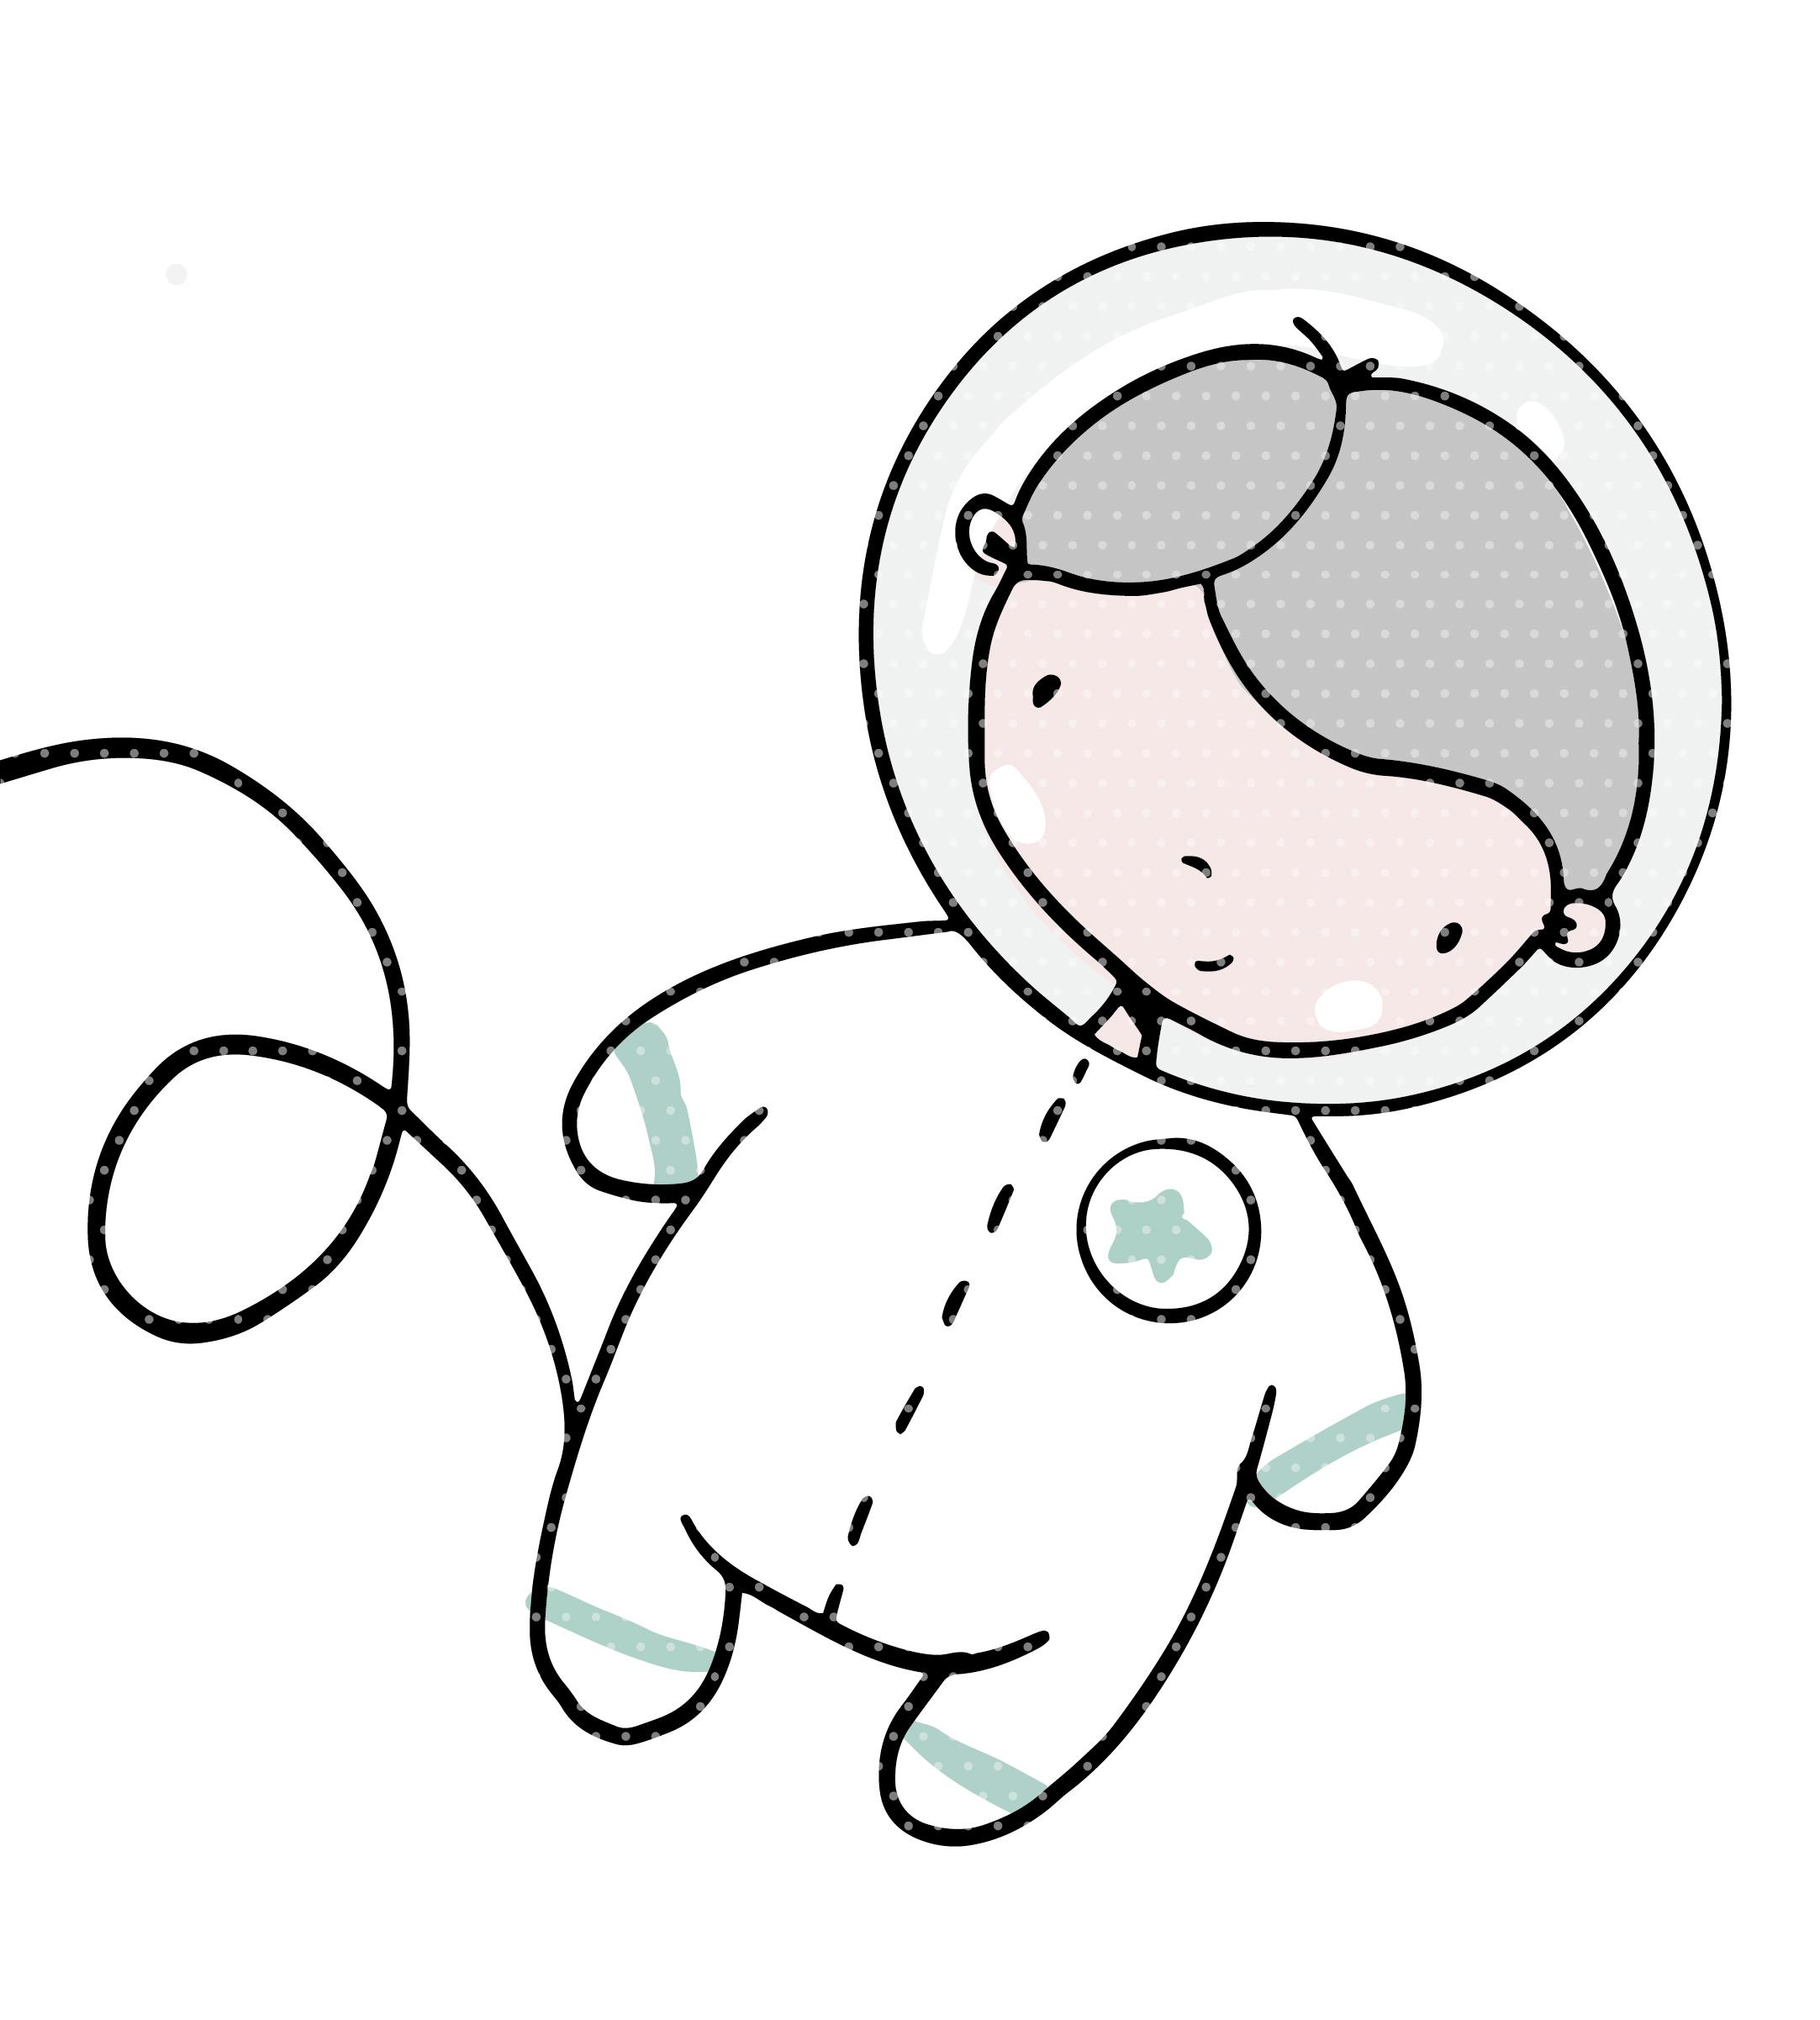 Astronaut Auf Dem Mond Malvorlage Fur Kinder